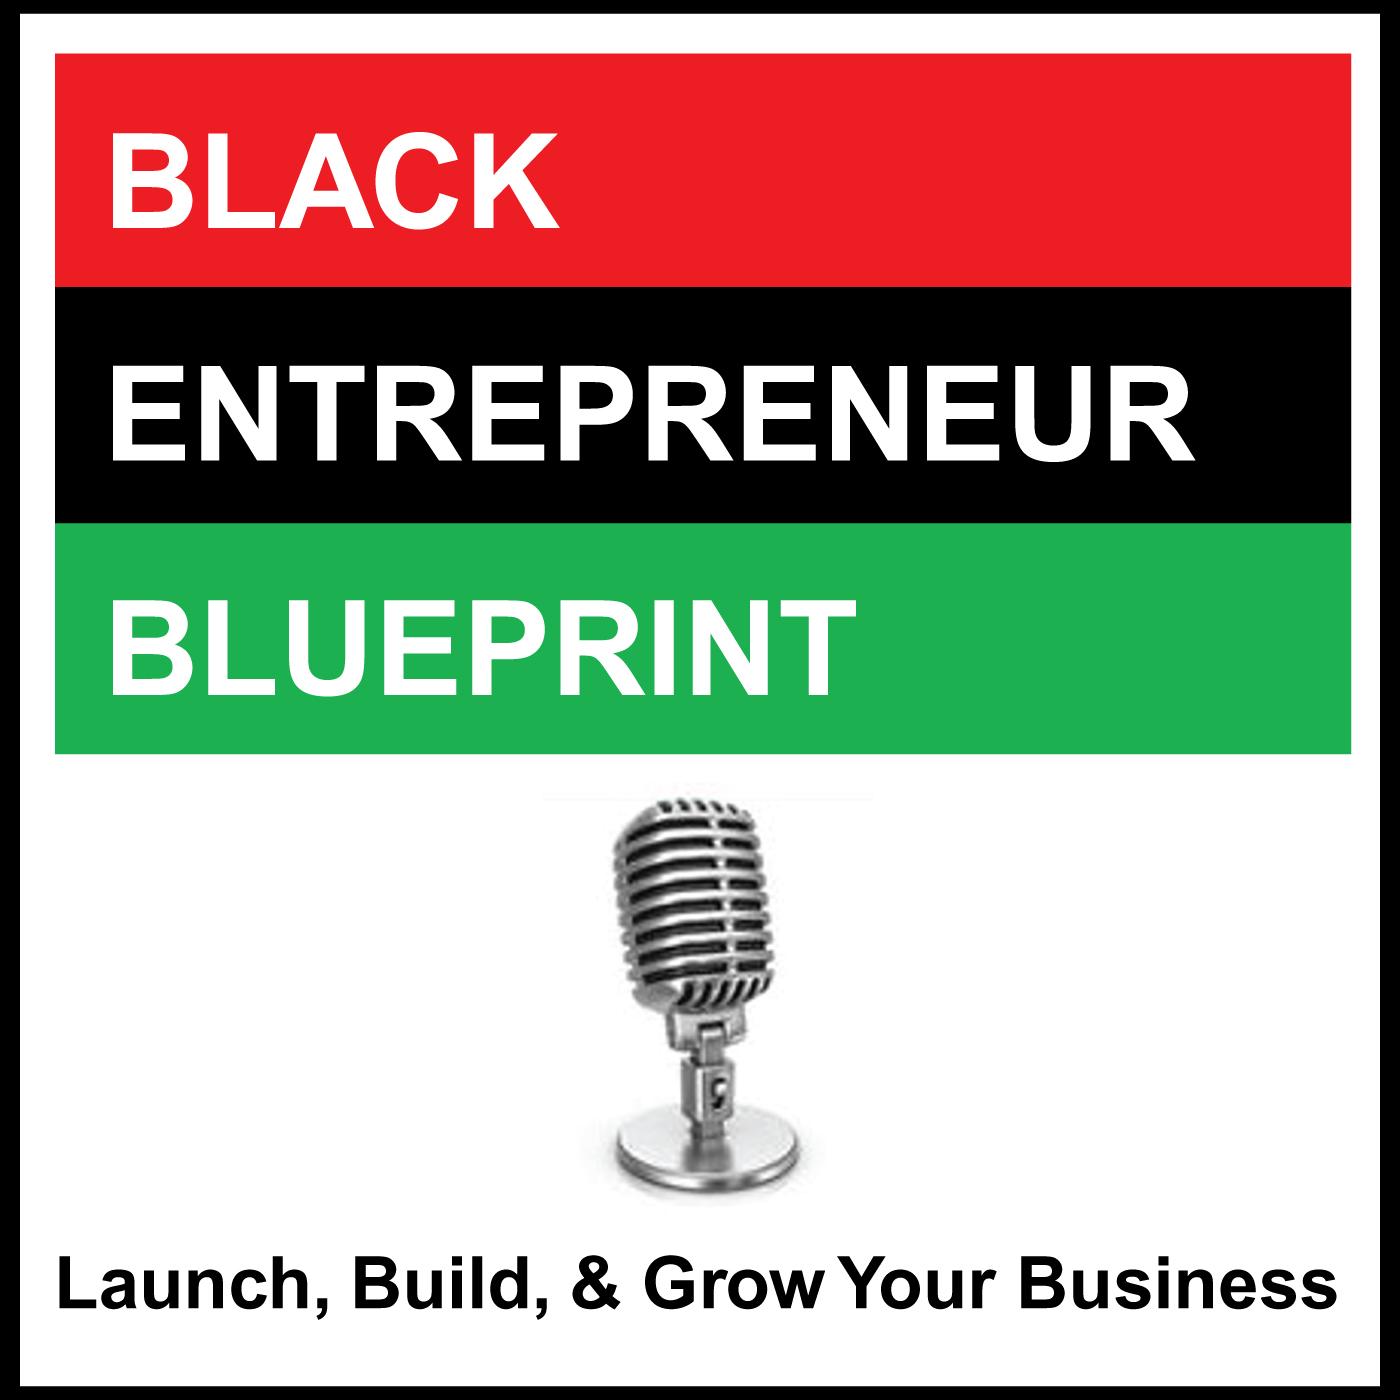 Black Entrepreneur Blueprint: 05 - Dr. Joel Martin